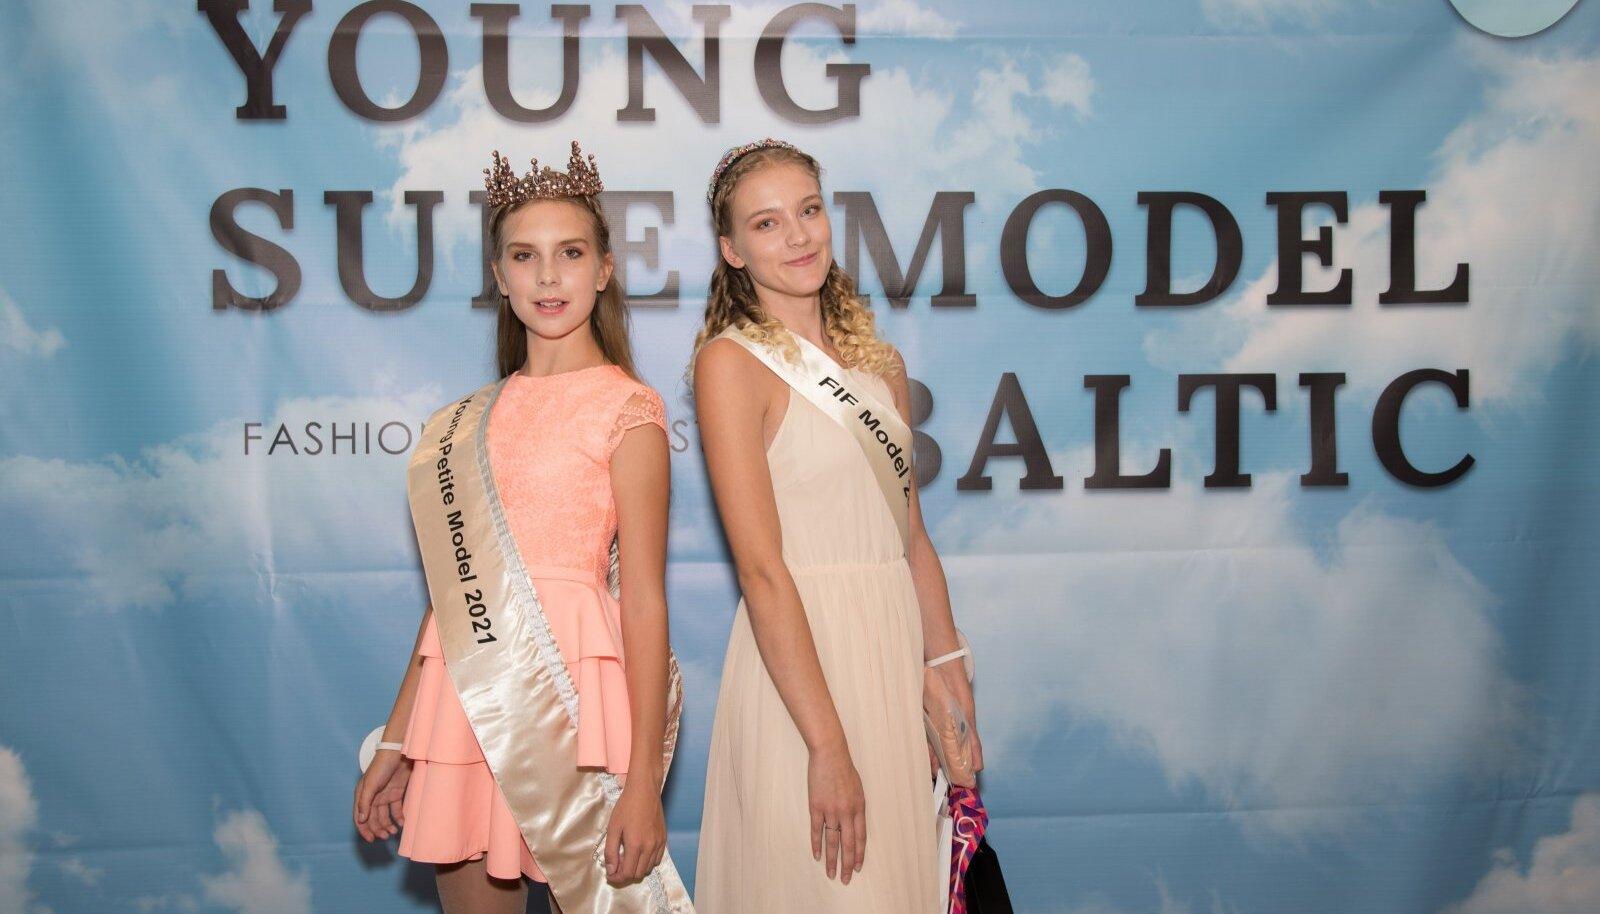 Young Supermodel Estonia